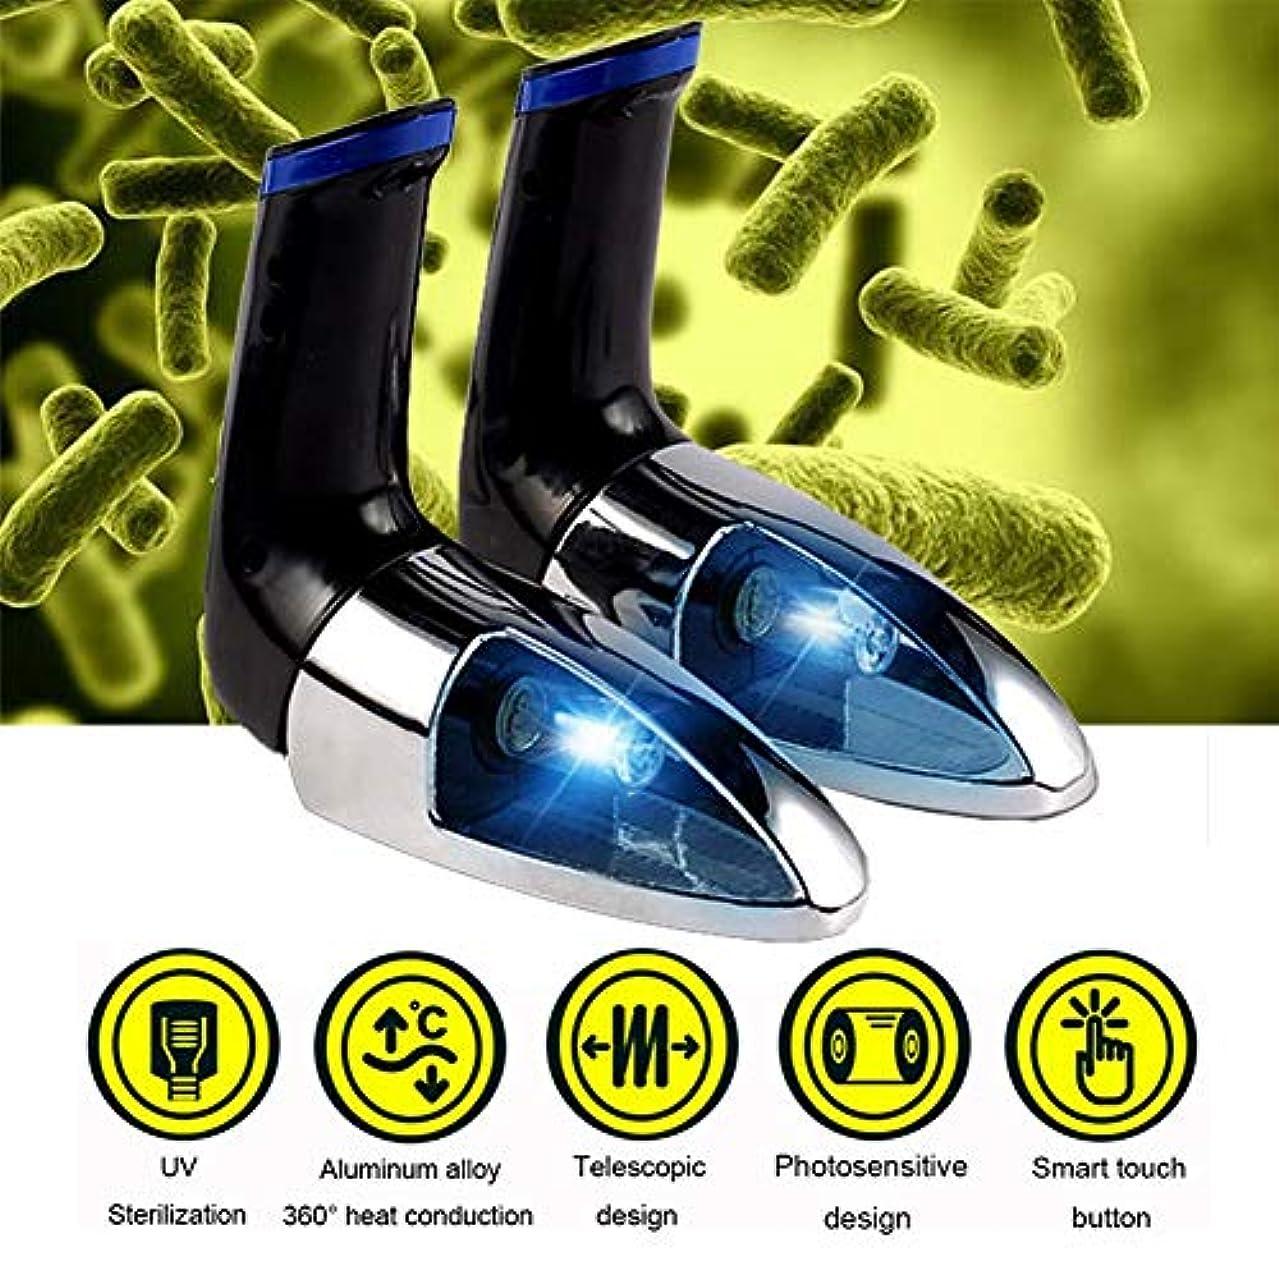 バング懐イル乾燥靴、オゾン殺菌、乾燥靴、ベーキングシューズ、紫外線消臭剤、暖かい靴、子供のインテリジェントな伸縮式タイミング